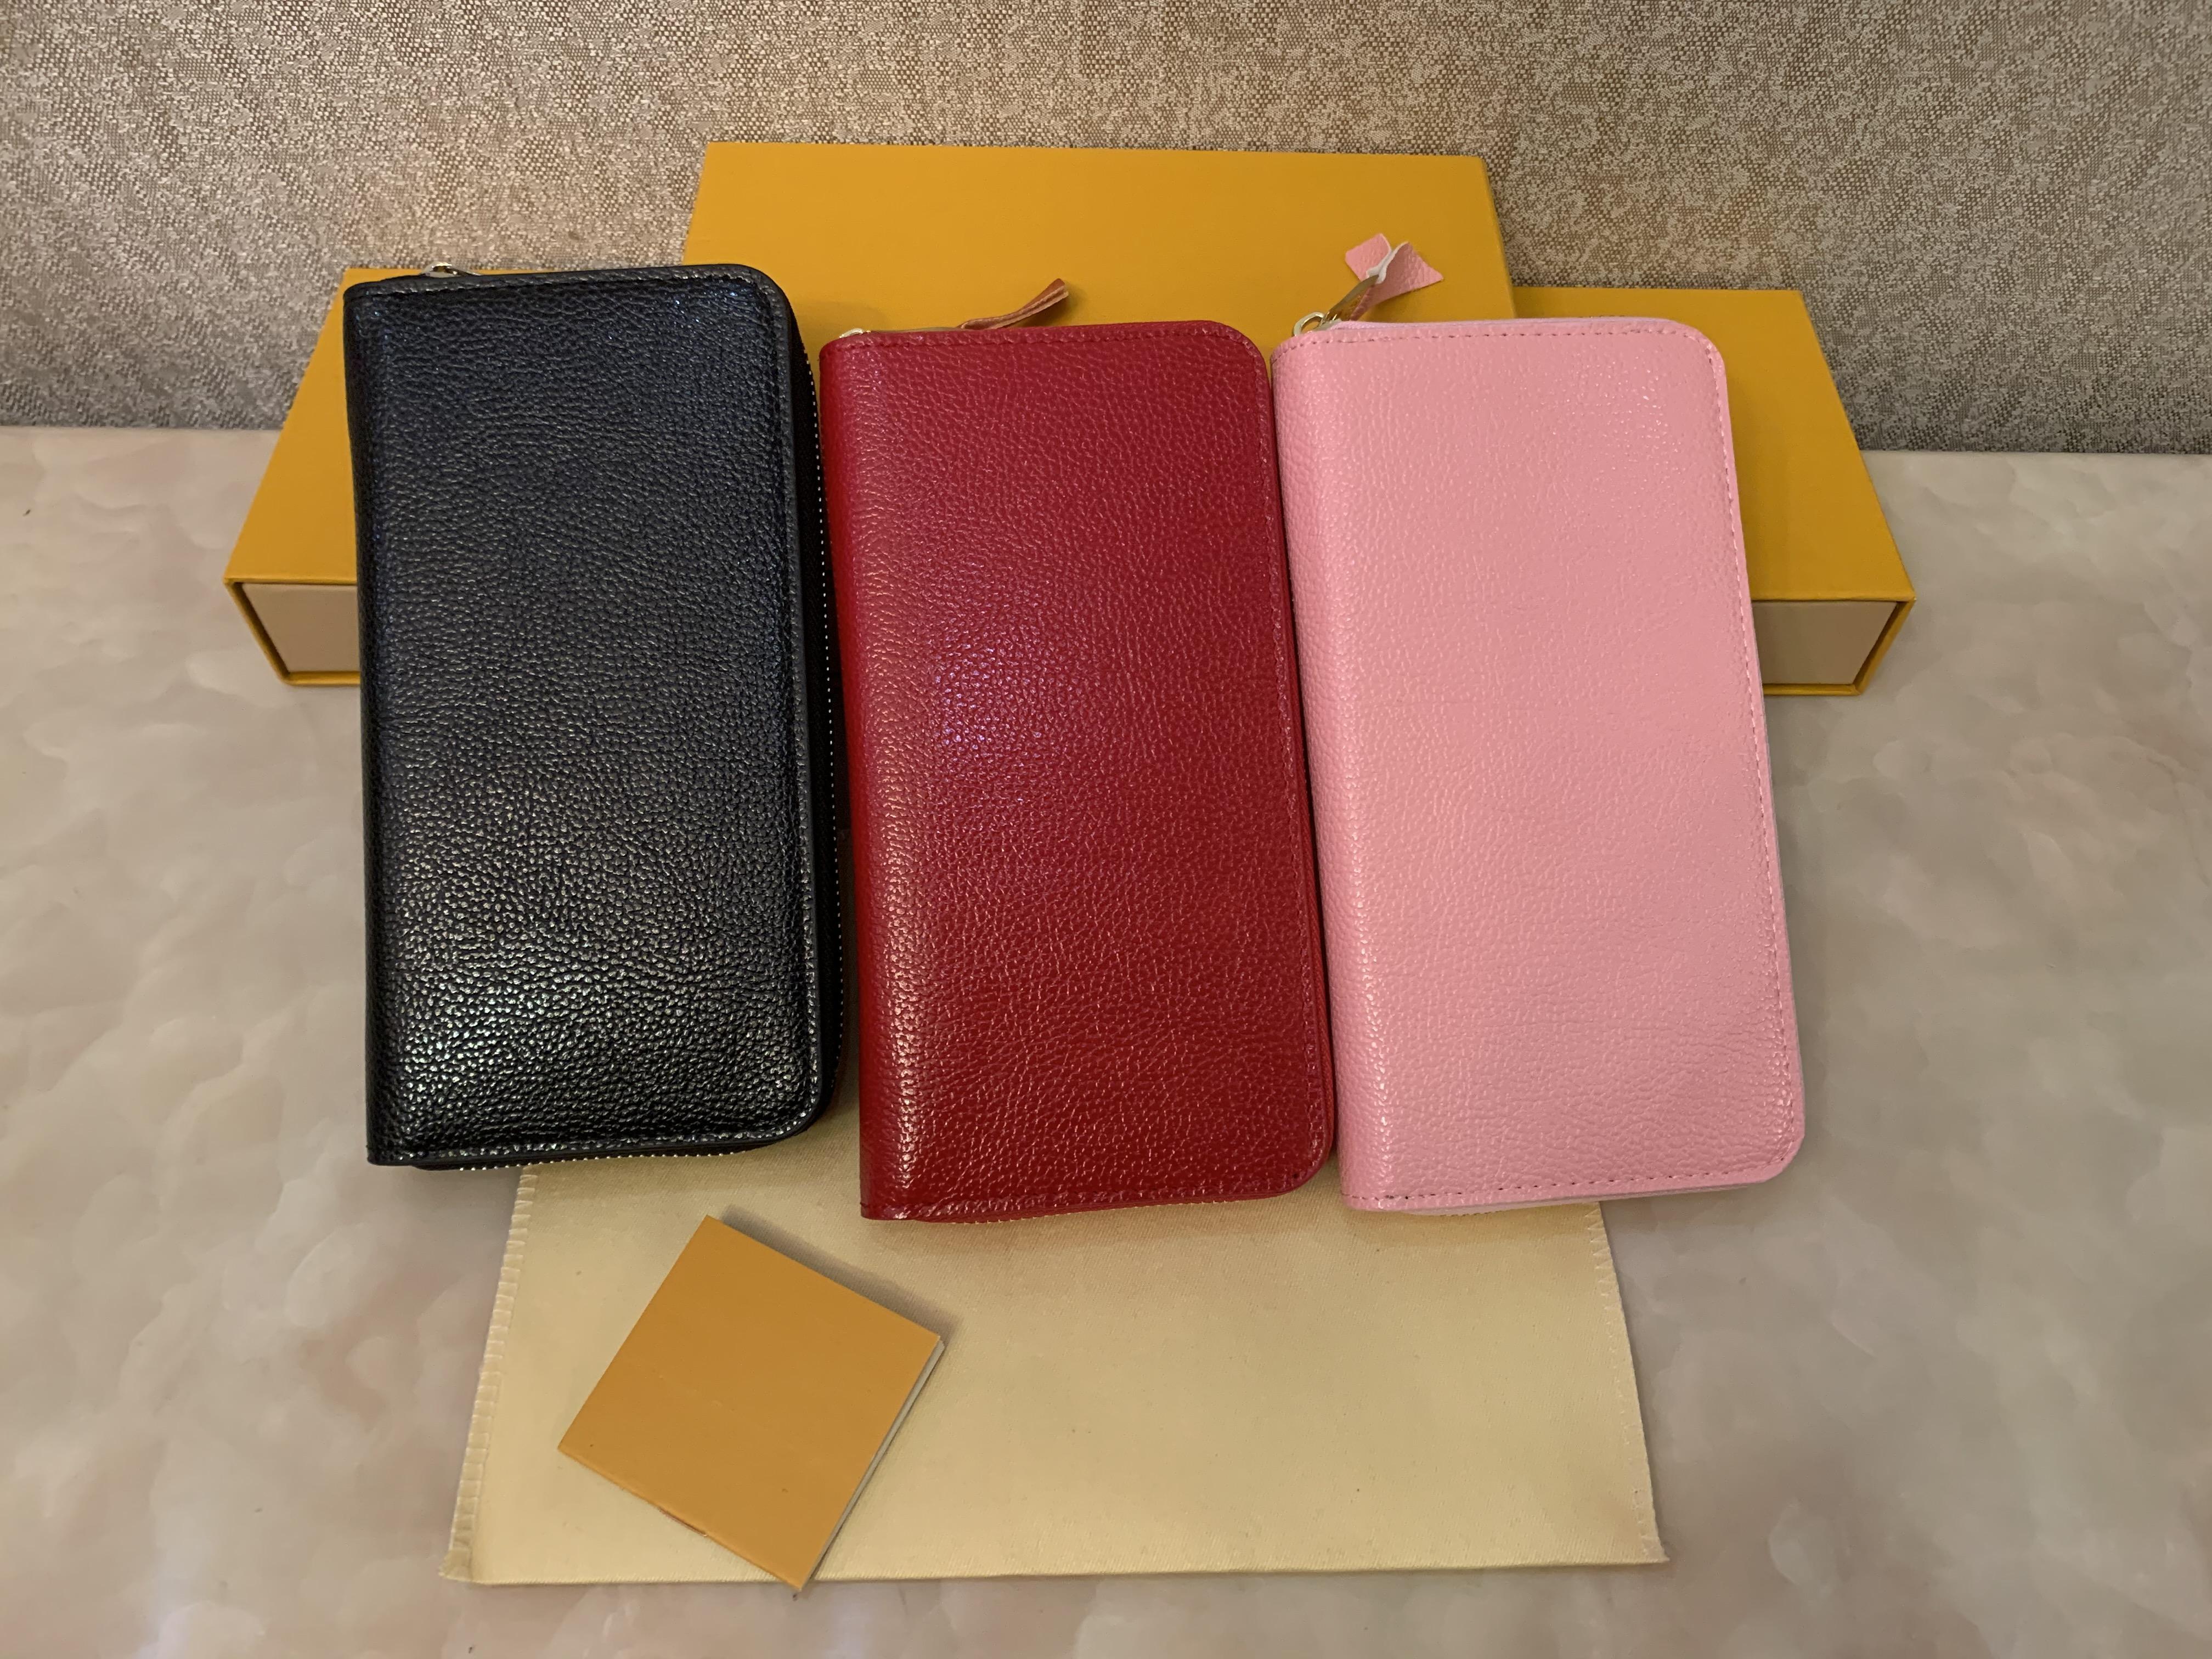 Zippy Çanta Cüzdan Kart Tasarımcısı Kutusu Cüzdan Çanta Tasarımcı Bayan Cüzdan Deri Debriyaj Tek Tutucu Cüzdanlar ile Nakliye PMGPR